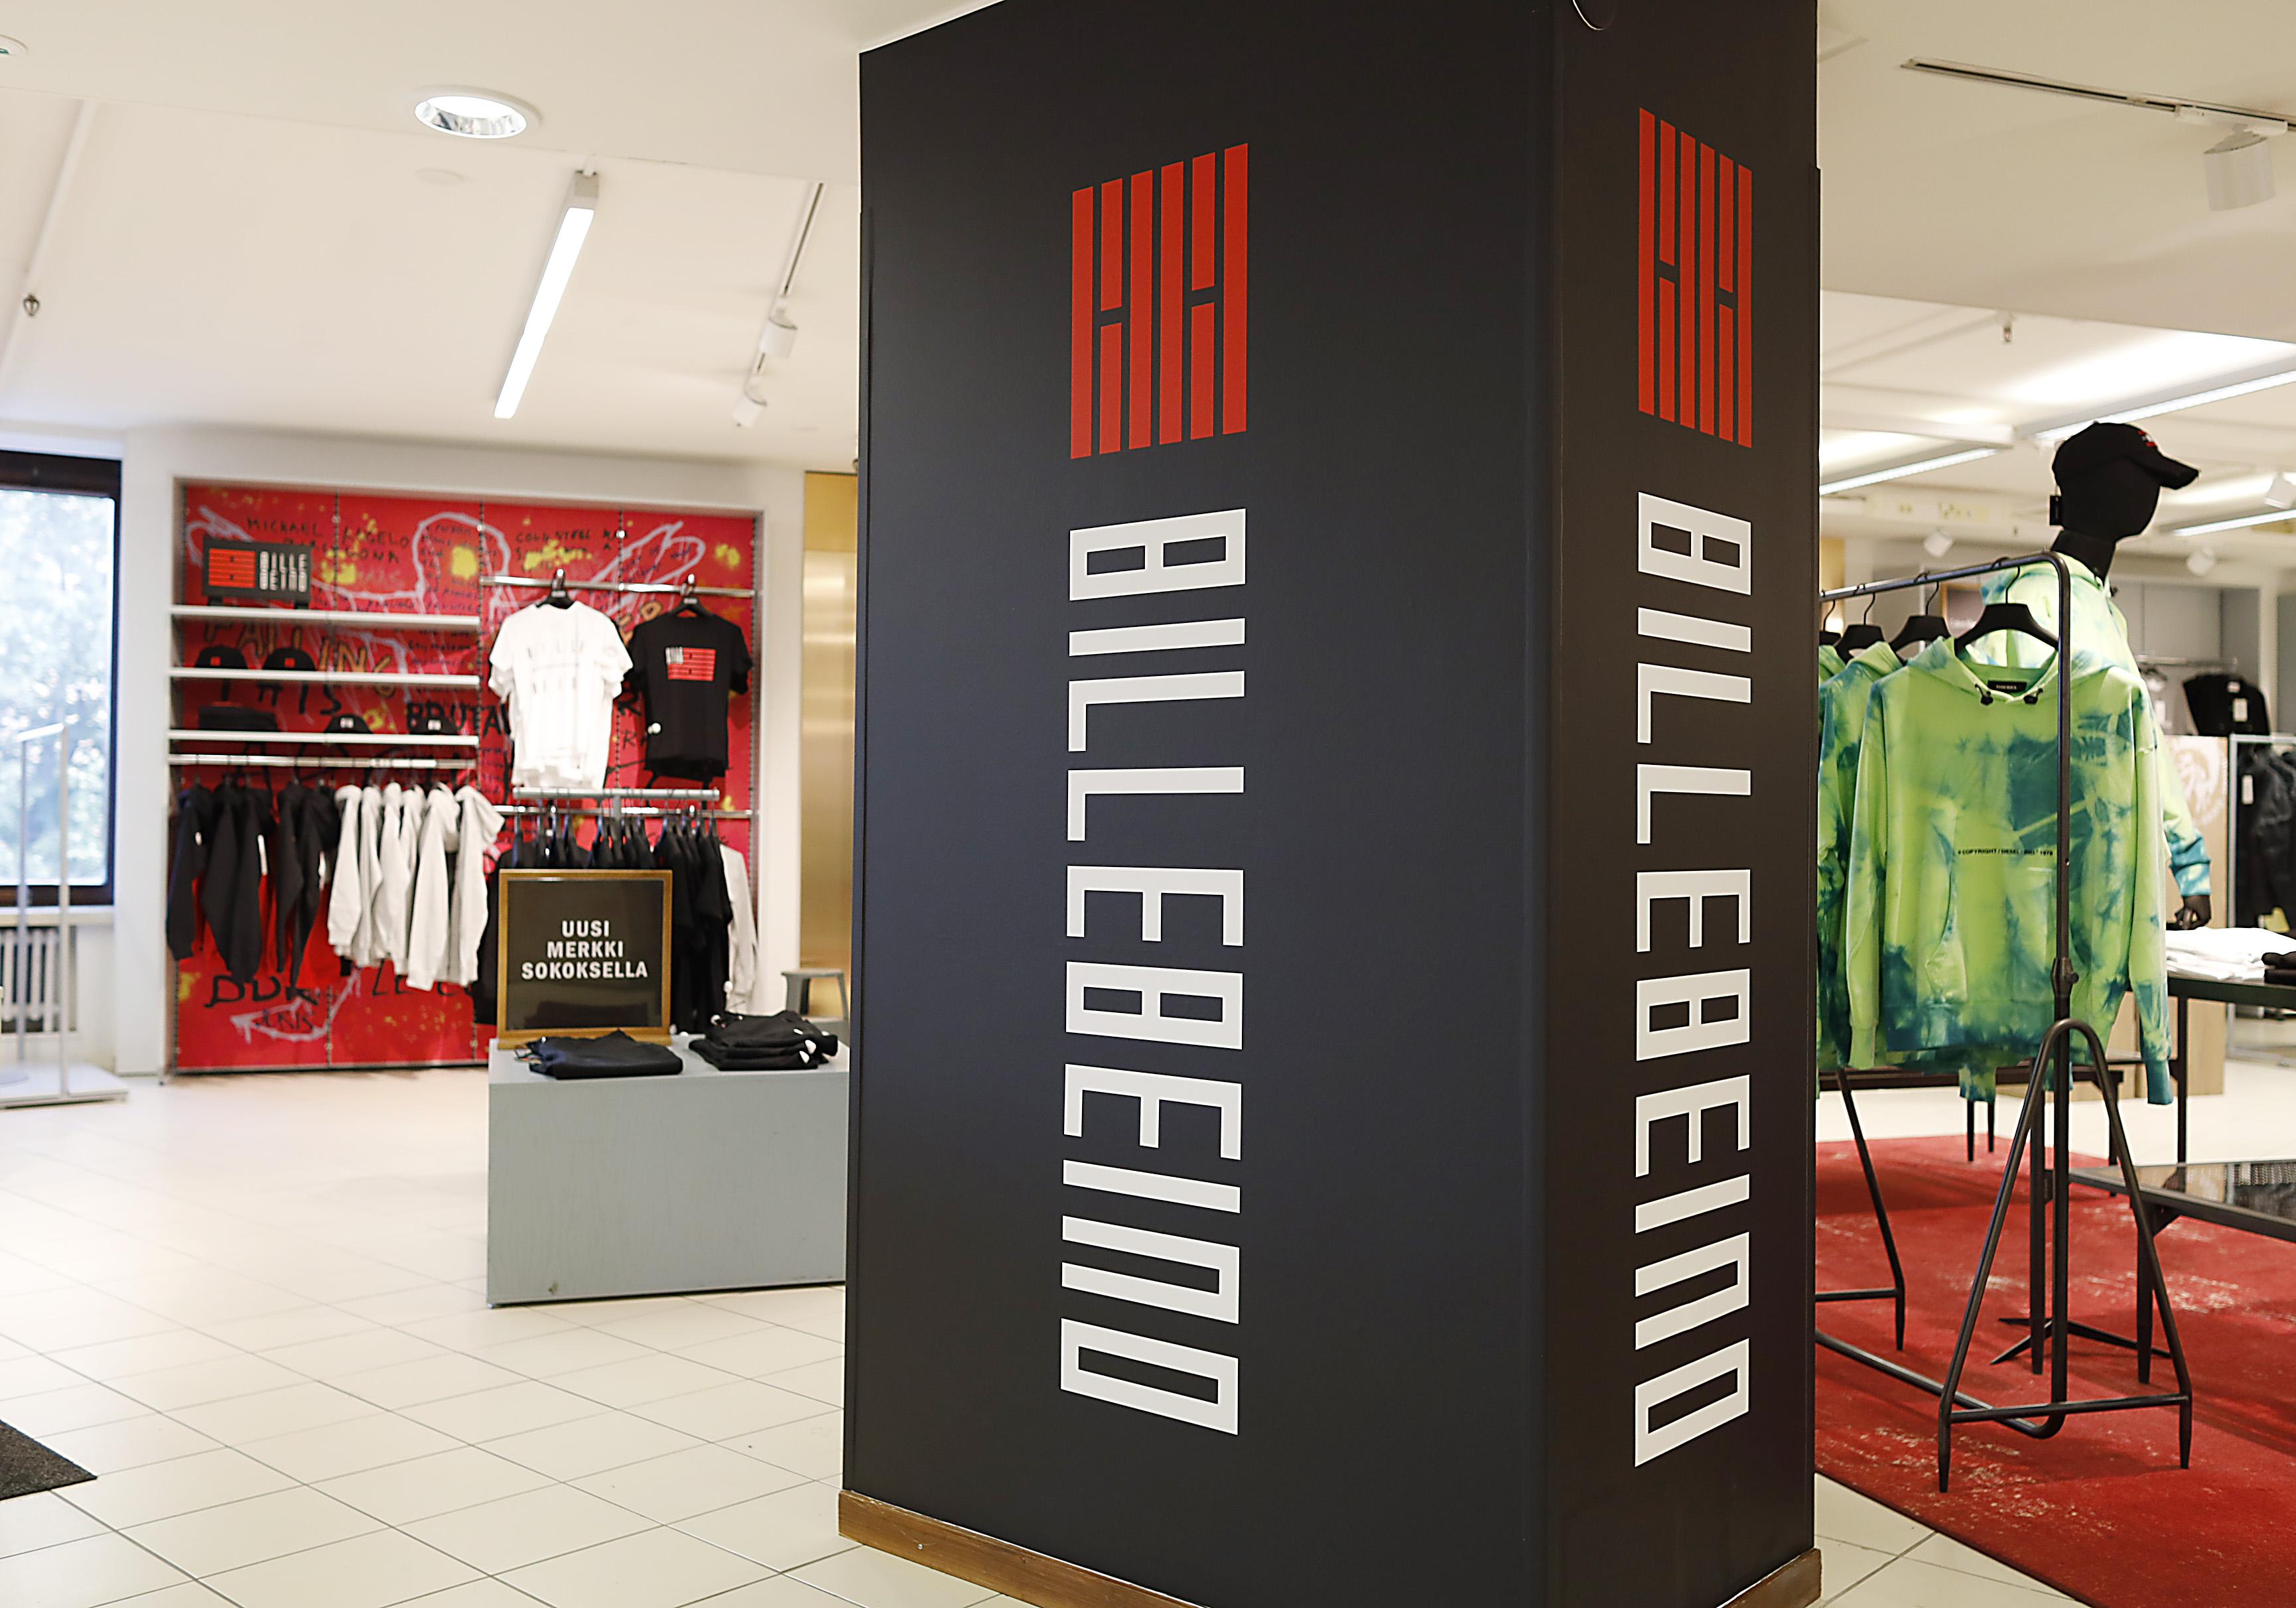 Billebeinon myymälämarkkinointiin on panostettu ja myyntipisteestä on tehty näyttävä.